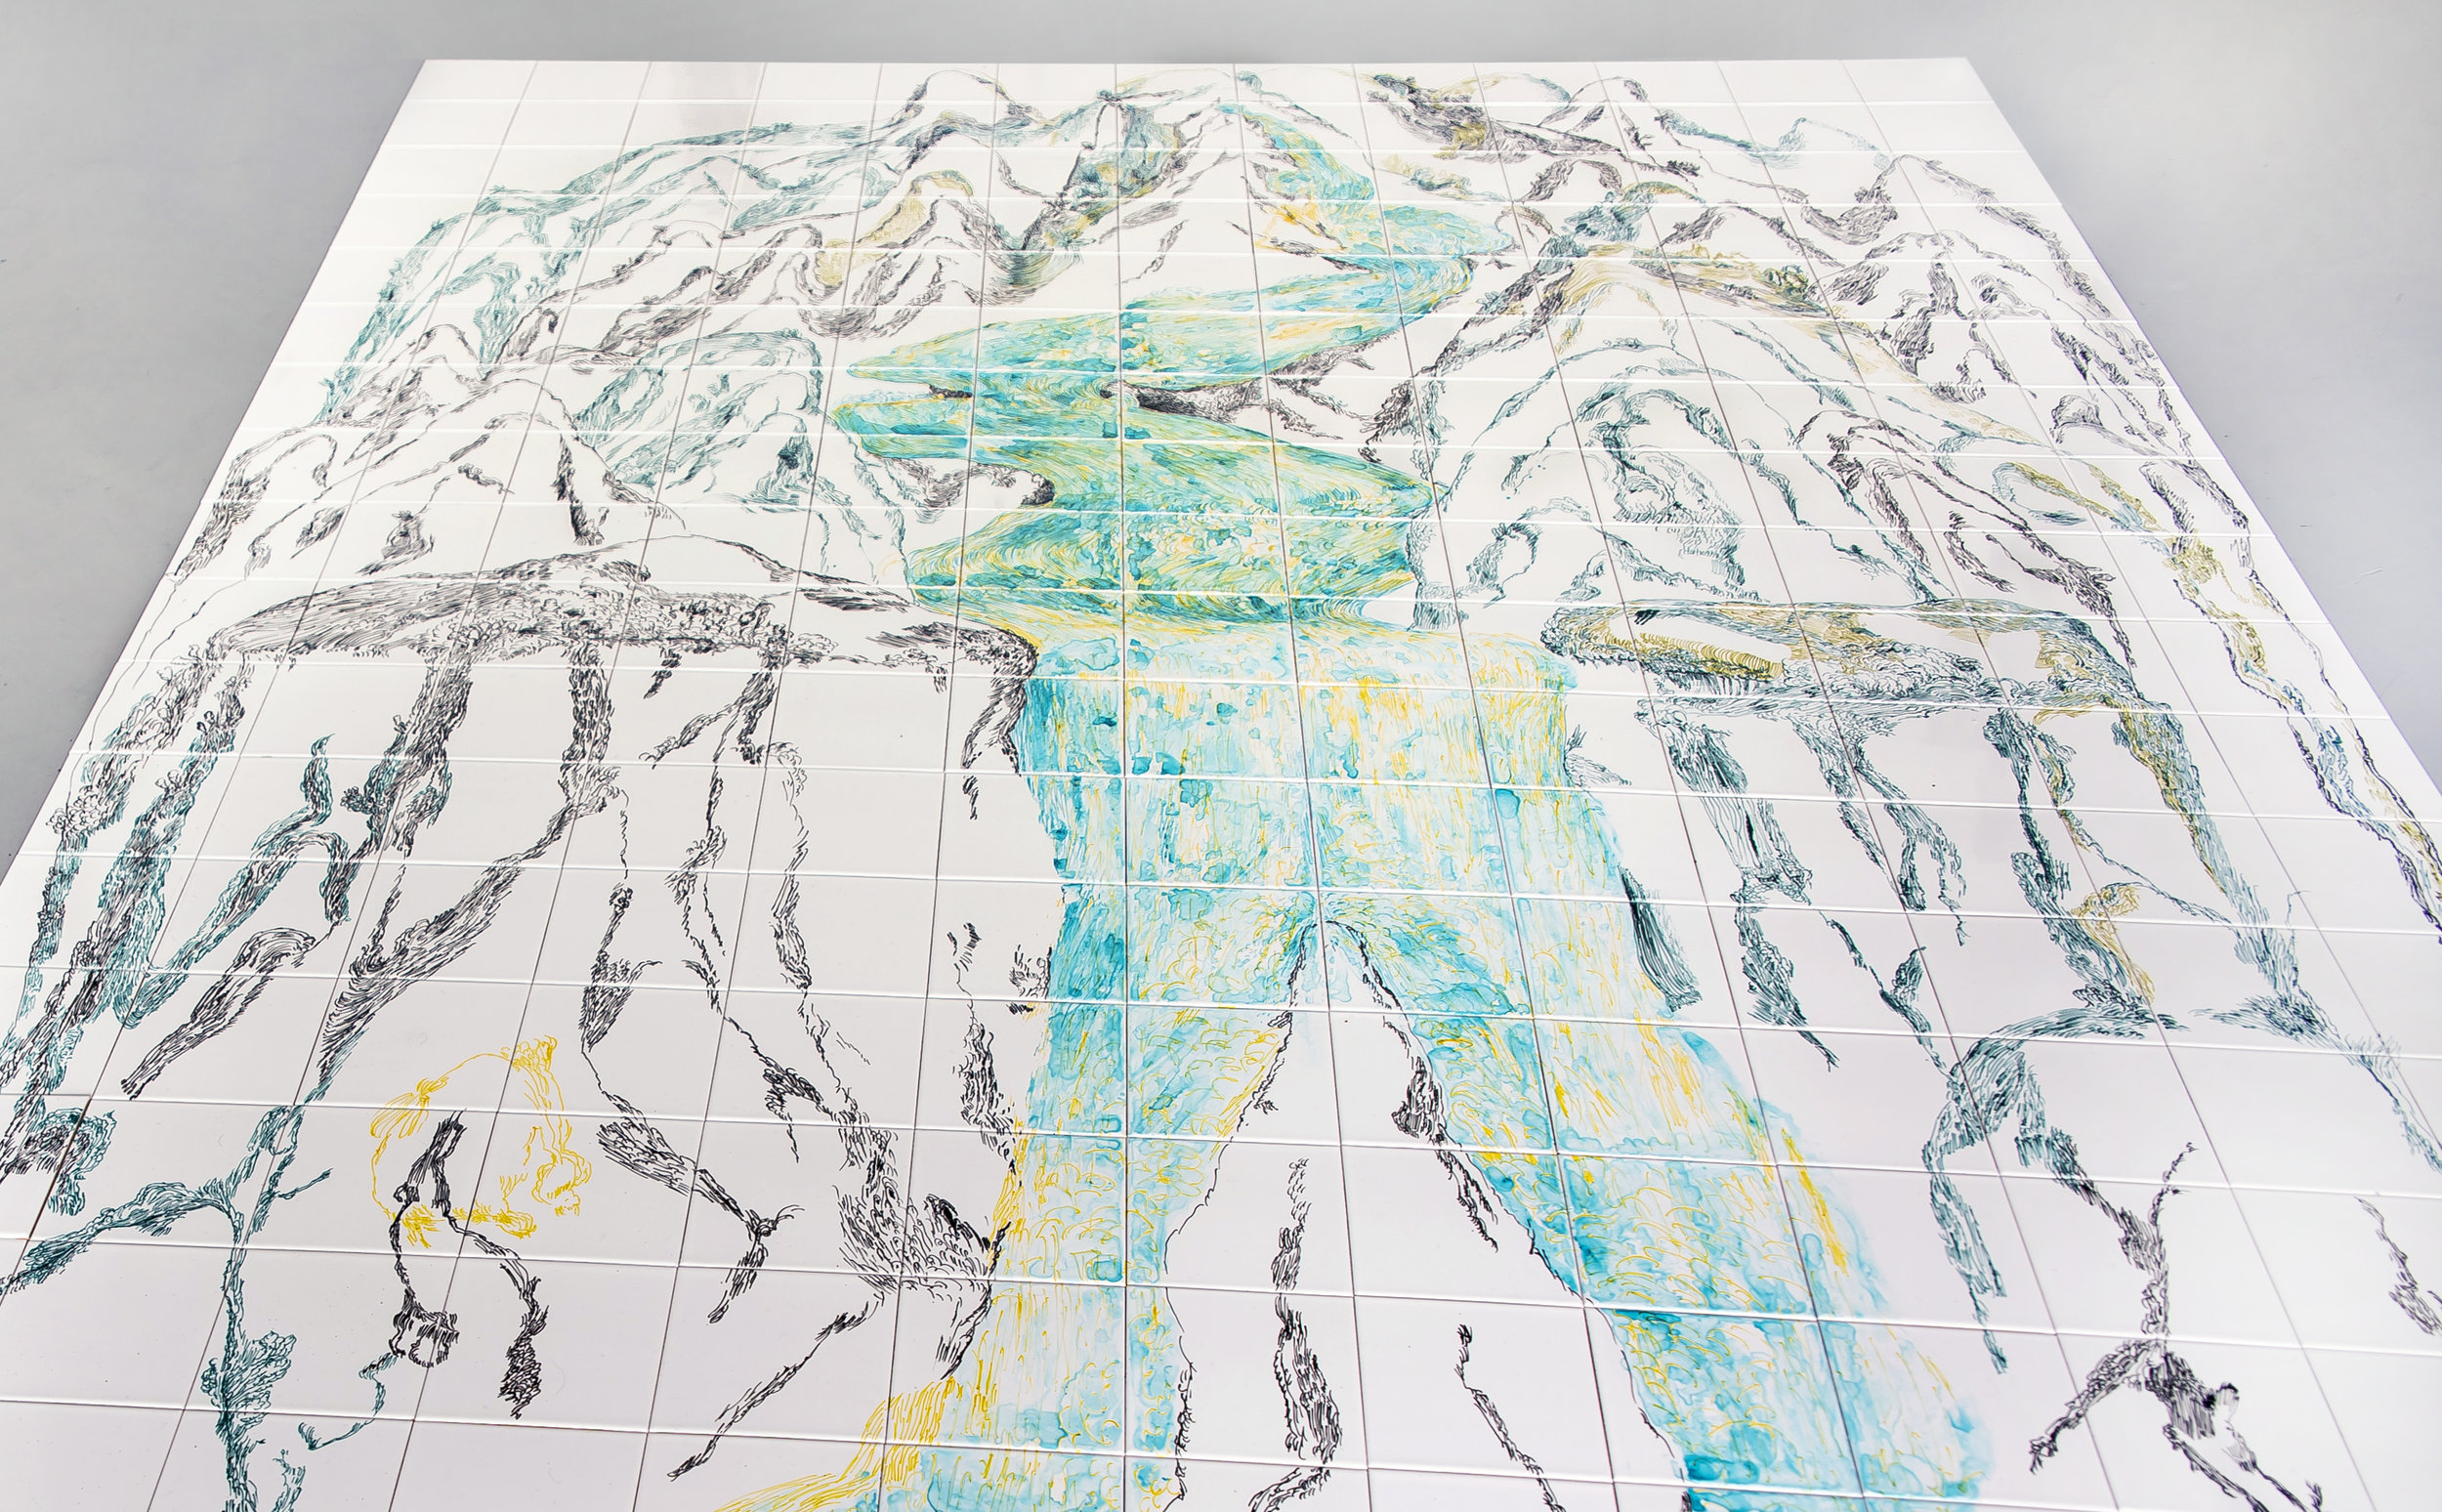 5 Giusy Pirrotta TAIXUNIA exhibition view, Dimora Artica.jpg